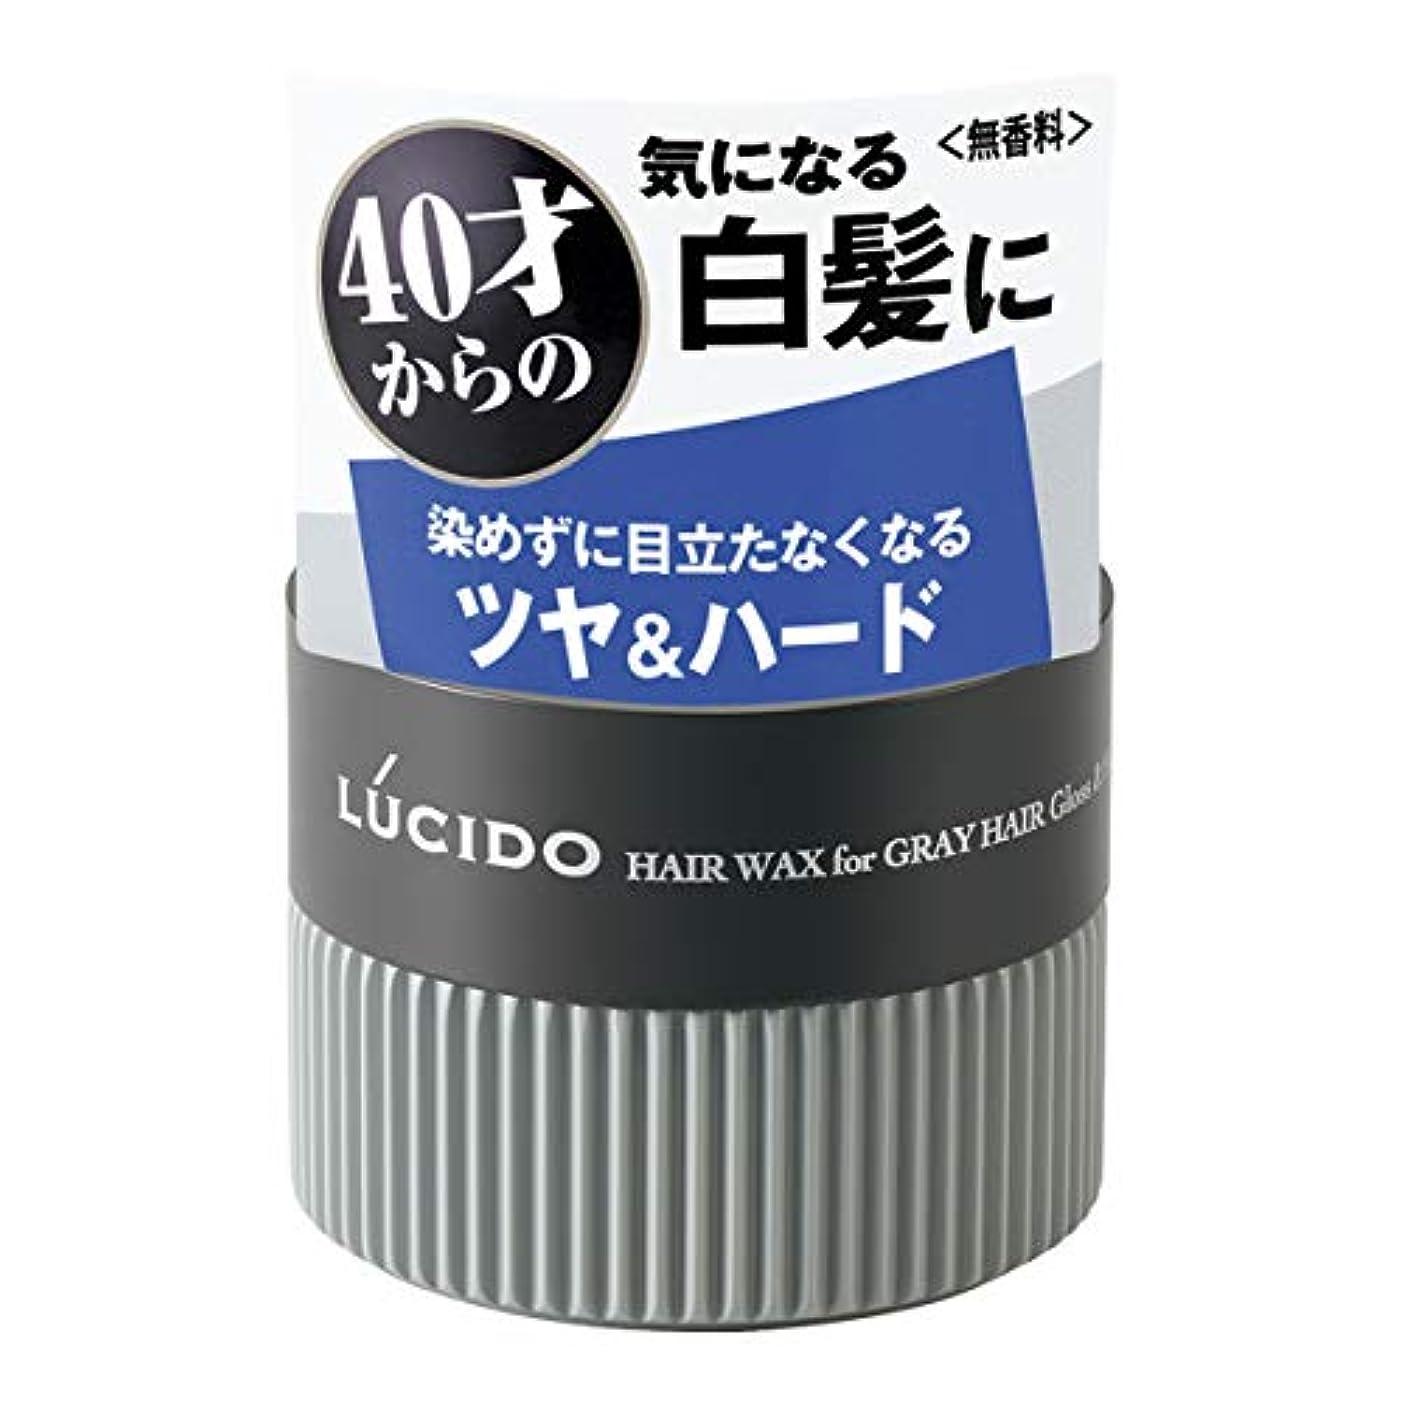 沿って緊急金額LUCIDO(ルシード) ヘアワックス 白髪用ワックス グロス&ハード 80g